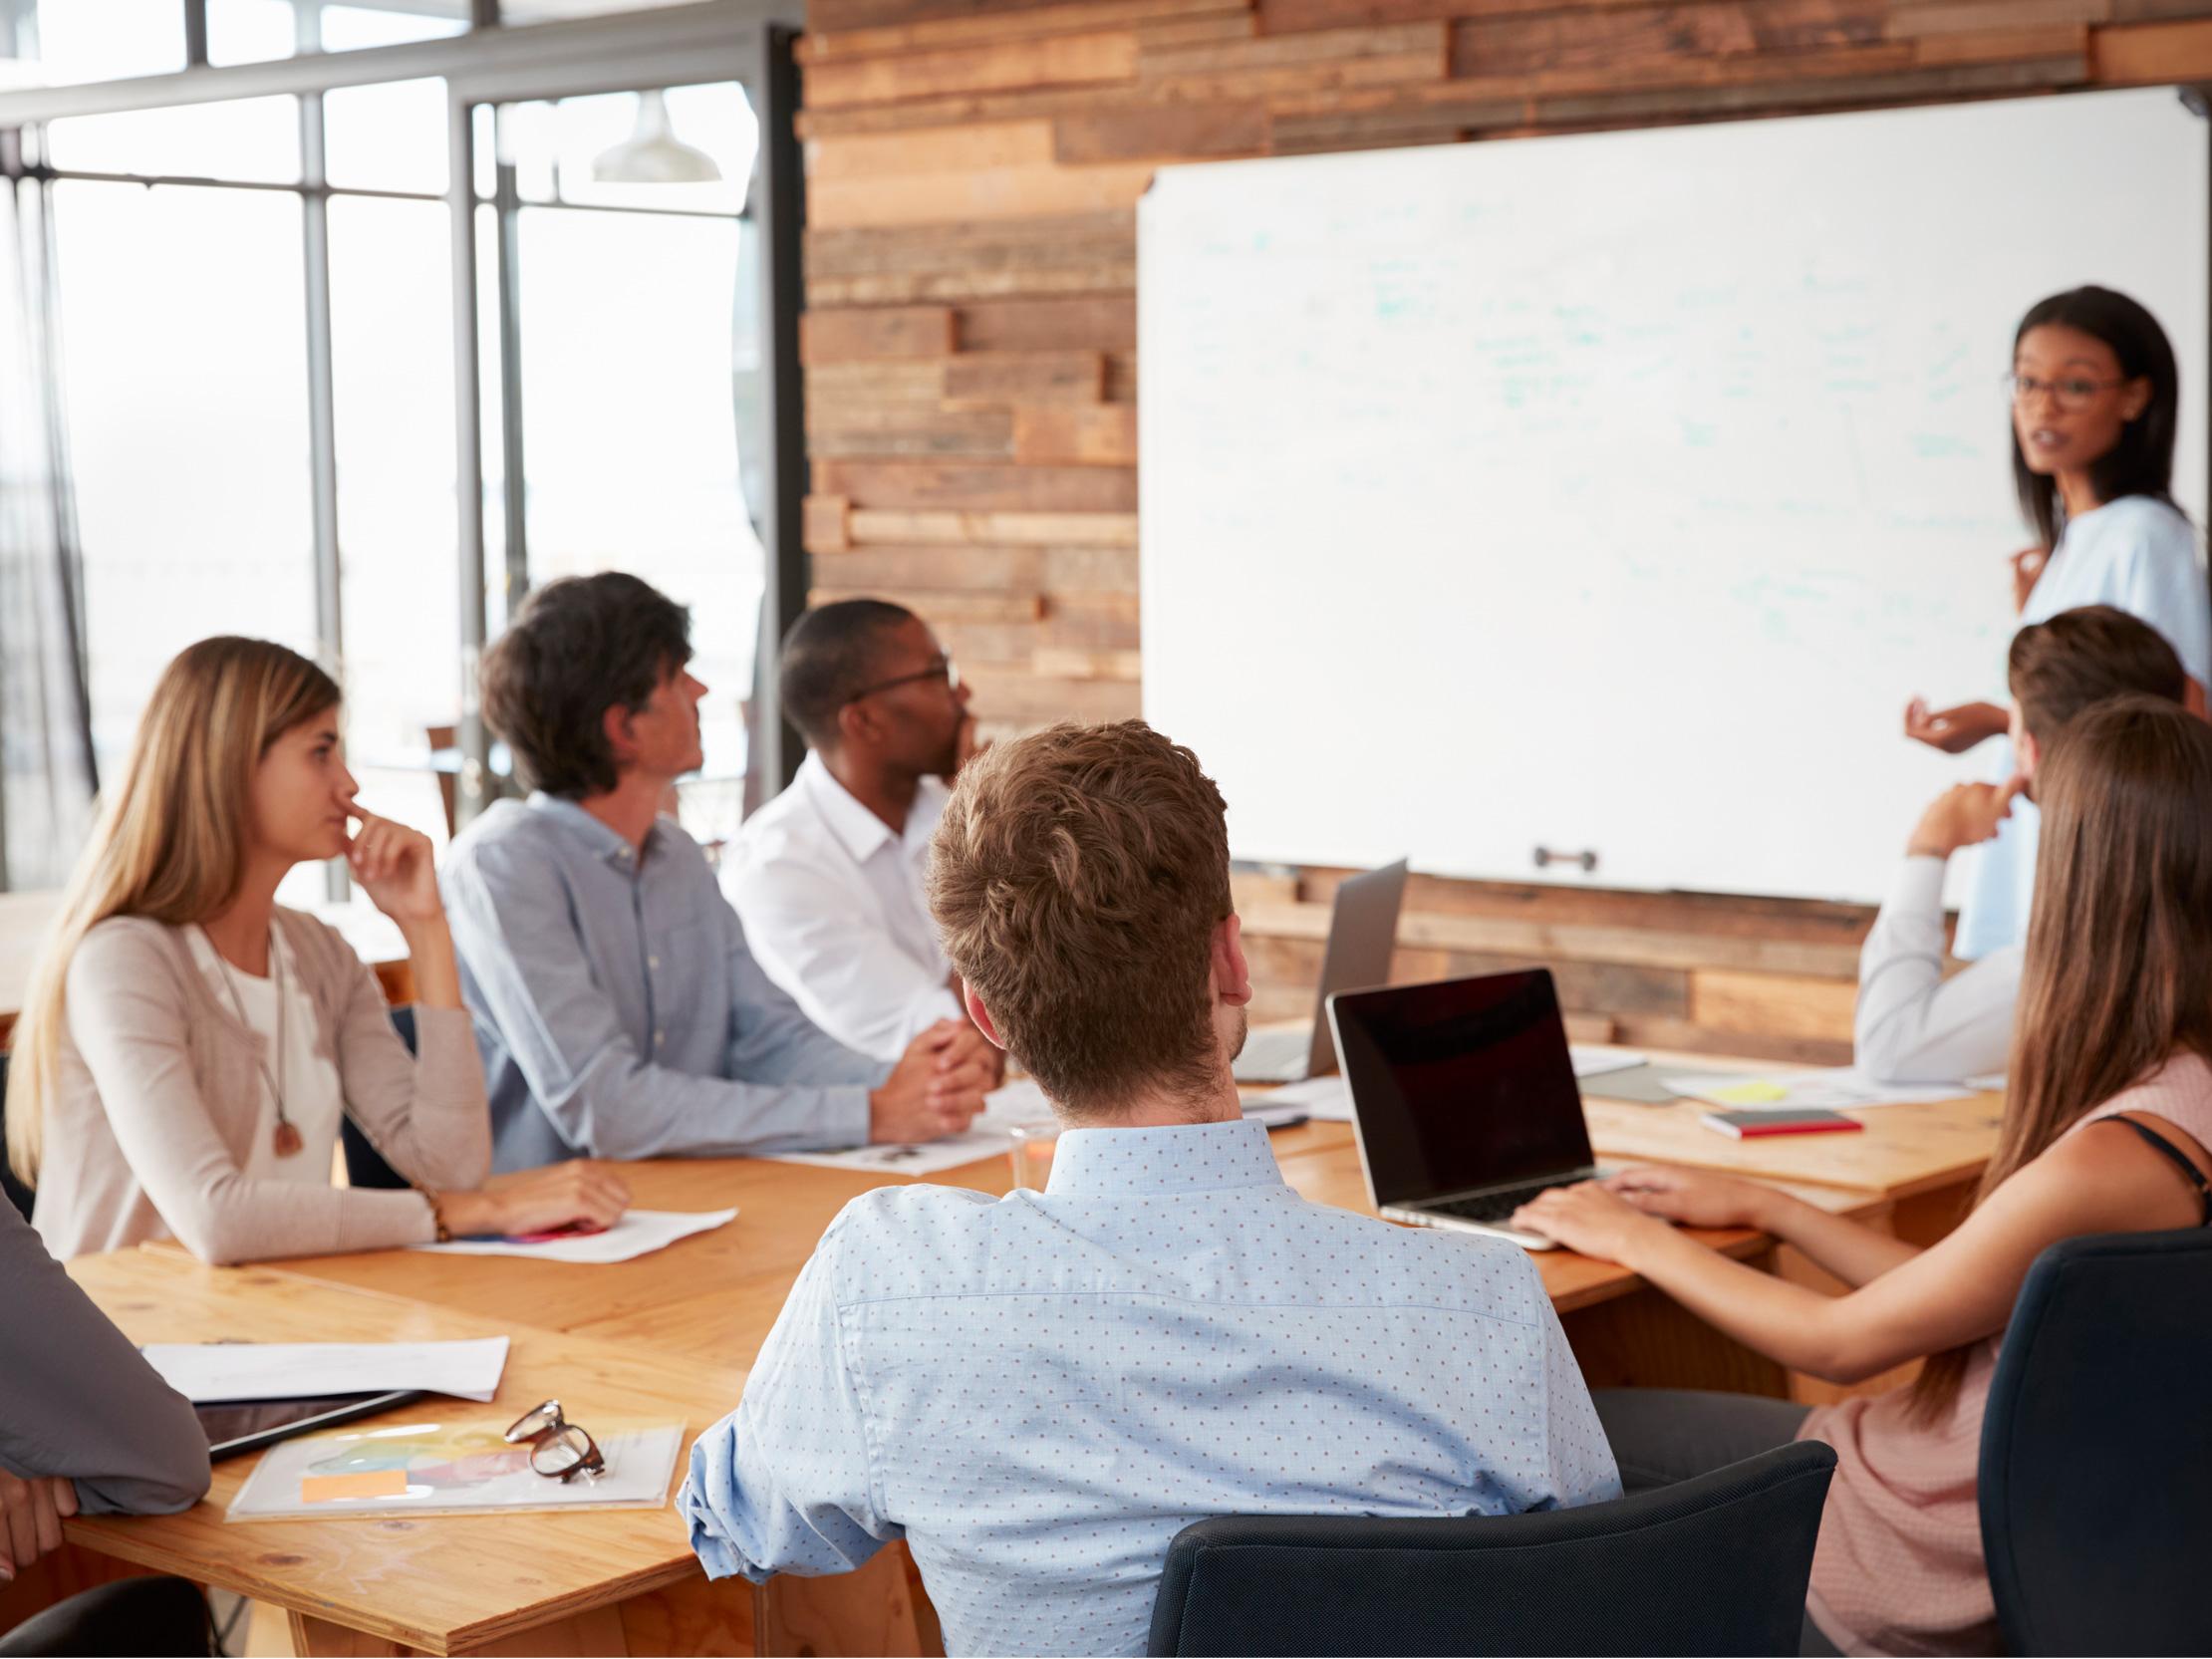 Teknikker til at holde effektive møder